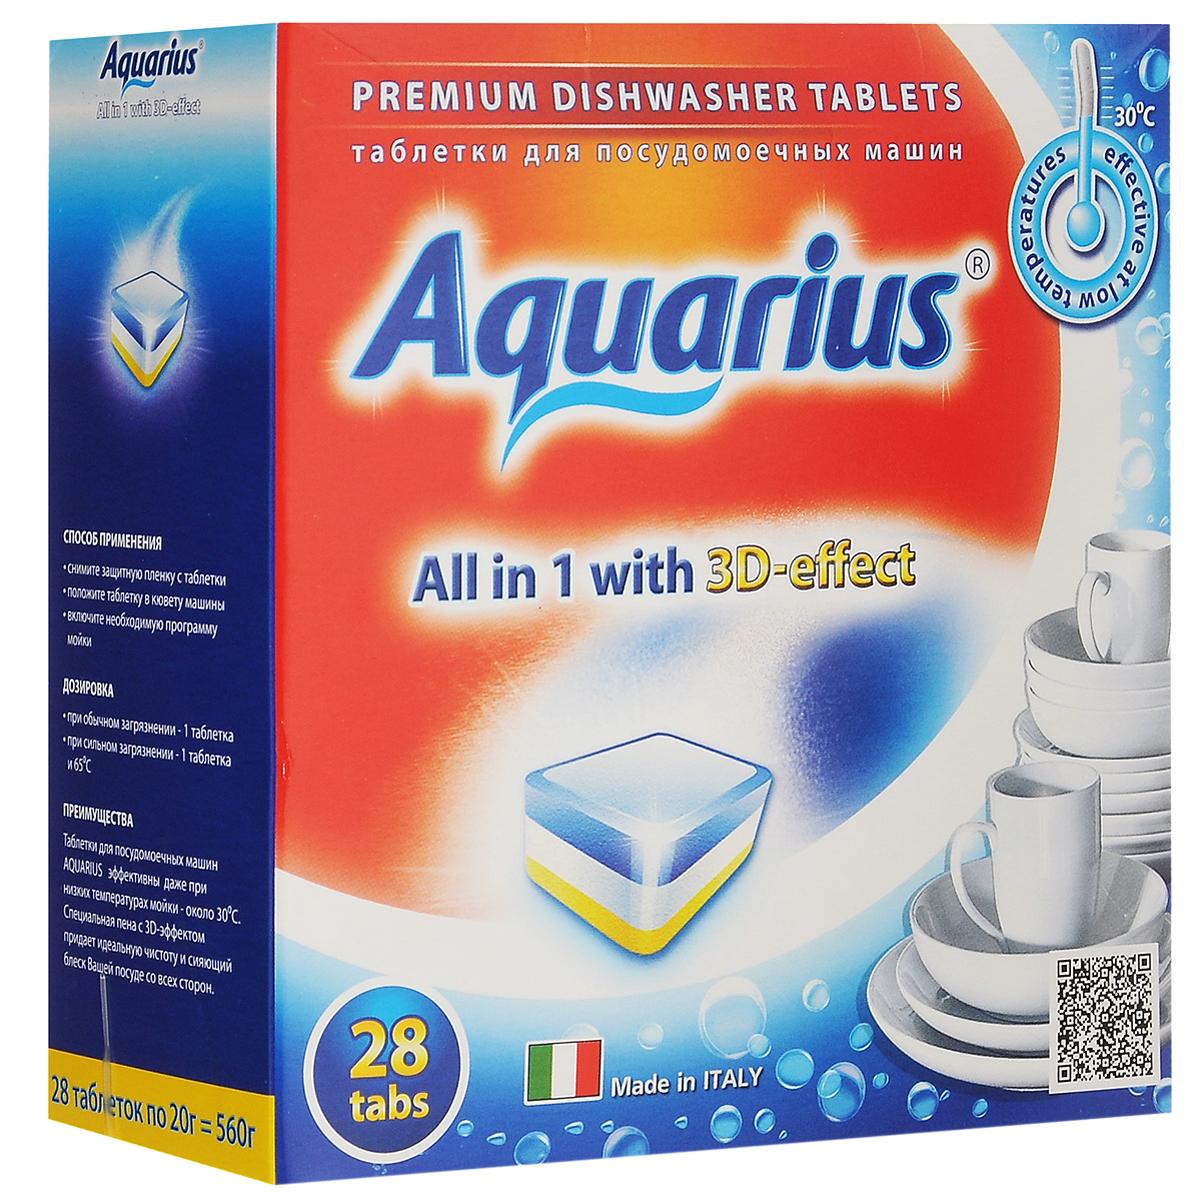 Таблетки для посудомоечных машин Lotta Aquarius, 28 шт16321Таблетки Lotta Aquarius предназначены для посудомоечных машин. Специальная пена с 3D-эффектом придает идеальную чистоту и сияющий блеск вашей посуде со всех сторон. Таблетки эффективны даже при низких температурах мойки - около 30°С. Для этого необходимо снять защитную пленку, положить таблетку в кювету машины и включить необходимую программу. В комплект входит 28 штук. Вес одной таблетки: 20 г. Состав: фосфаты более 30%, кислородосодержащий отбеливатель более 5%, но менее 15%, поликарбоксилаты, фосфонаты, неионные ПАВ, энзимы (амилаза, протеаза), краситель, отдушка менее 5%. Товар сертифицирован.